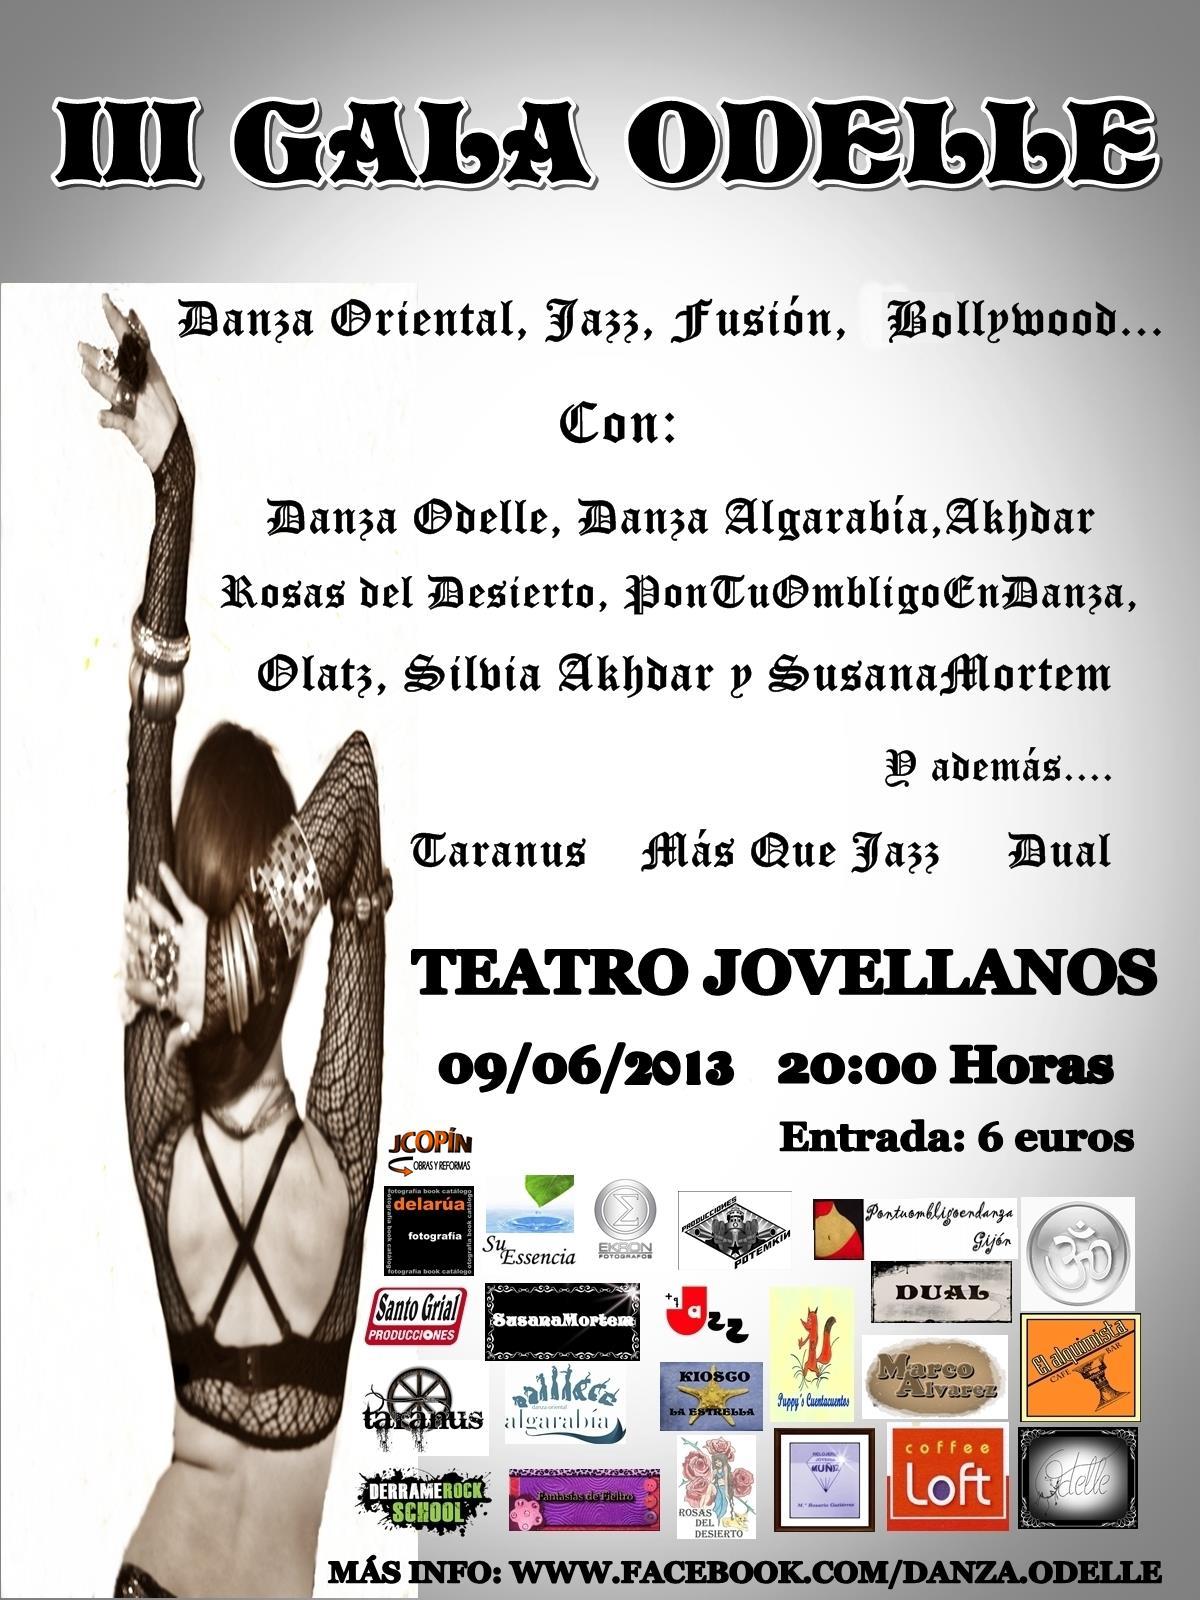 III Gala Odelle Danza Oriental el 9 Junio de 2013 en Gijón